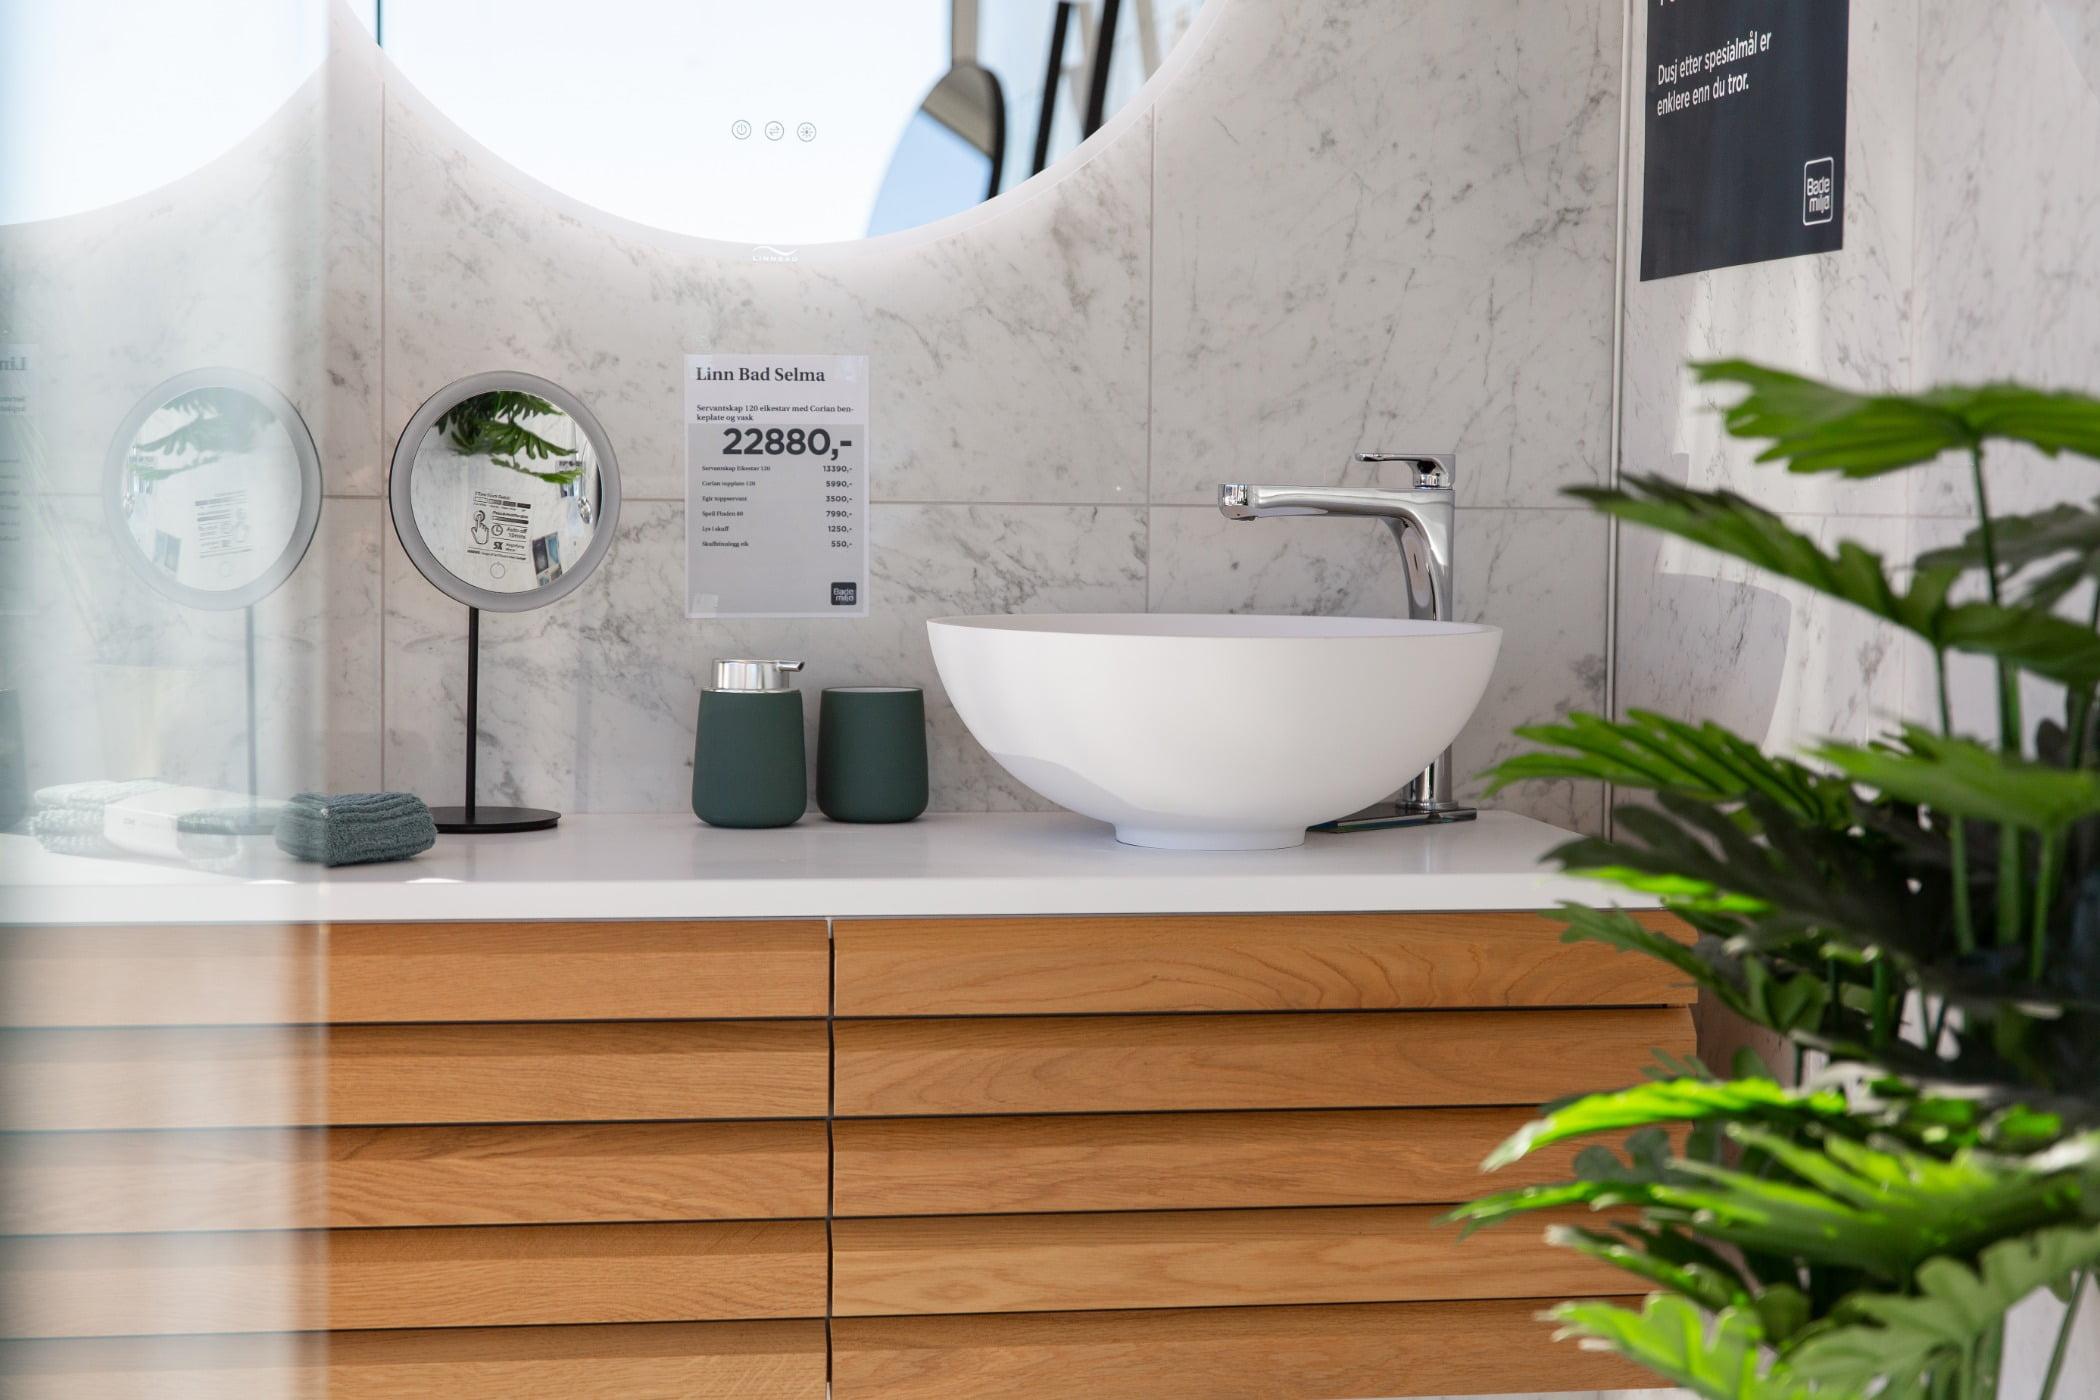 Plumbing fixture, Bathroom sink, Interior design, Tap, Plant, Toilet, Wood, Building